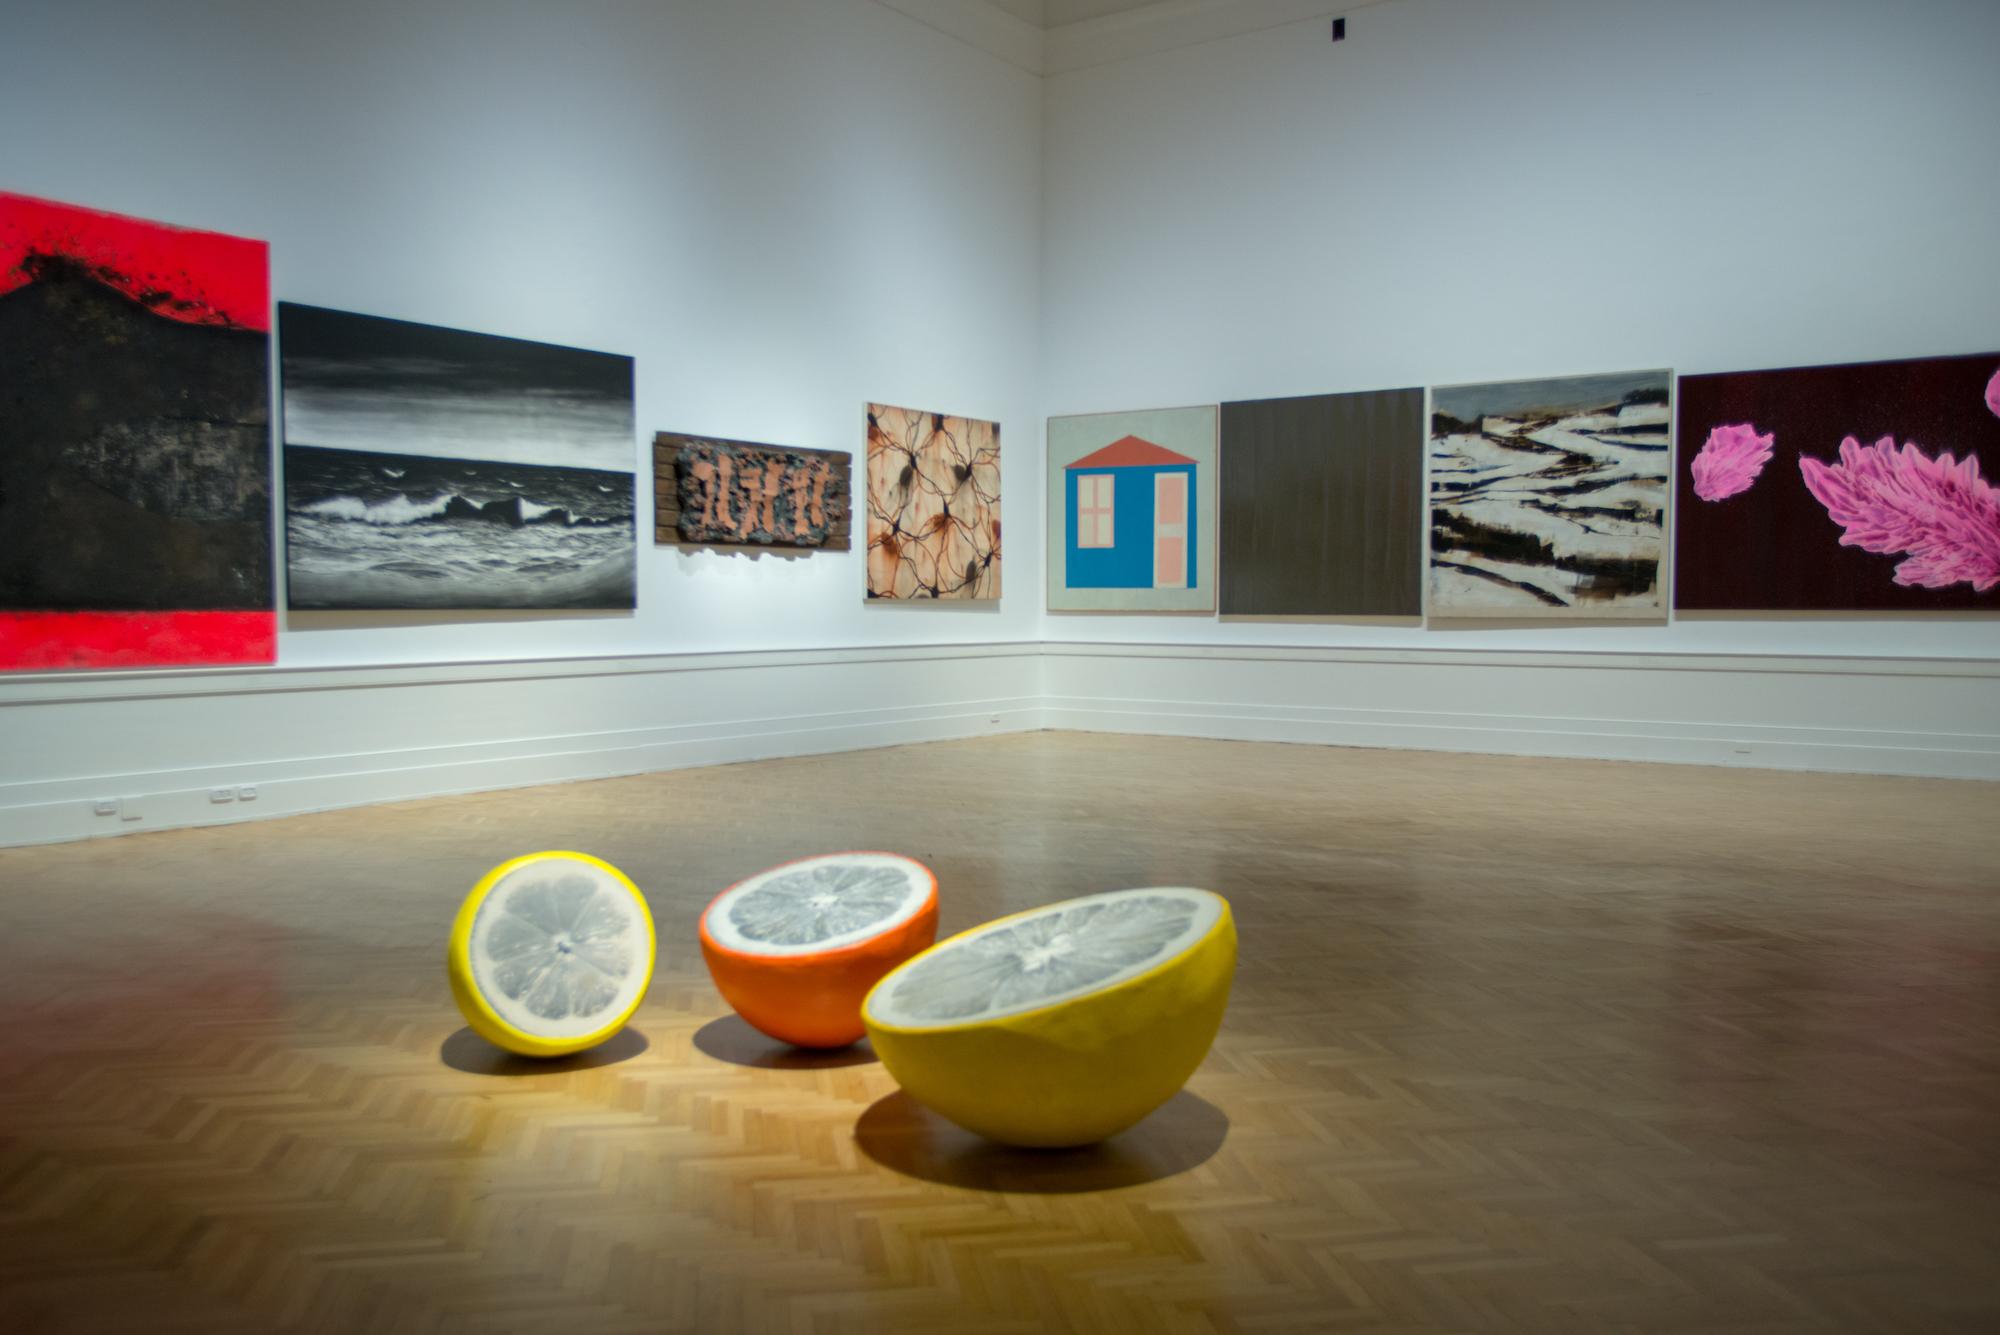 Galleria Nazionale di Arte Moderna e Contemporanea_2_Photo_by_Andrea Buccella